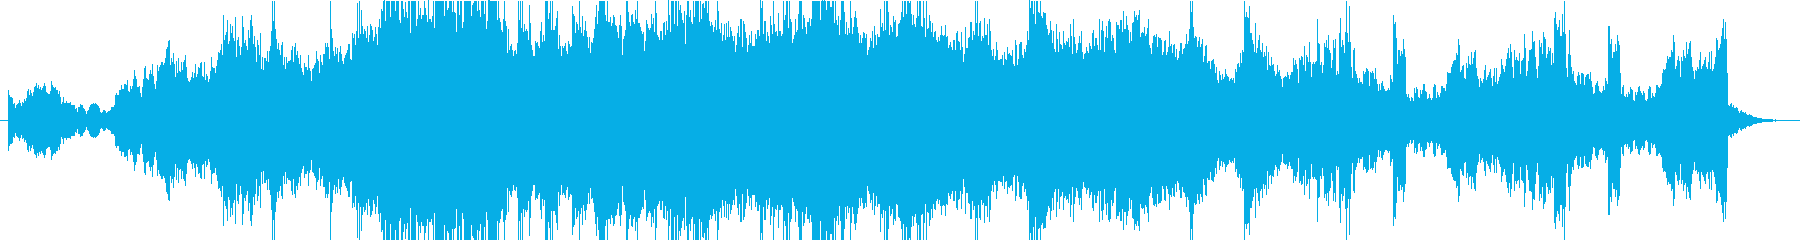 青々とした雰囲気のキュー。渦巻くシ...の再生済みの波形